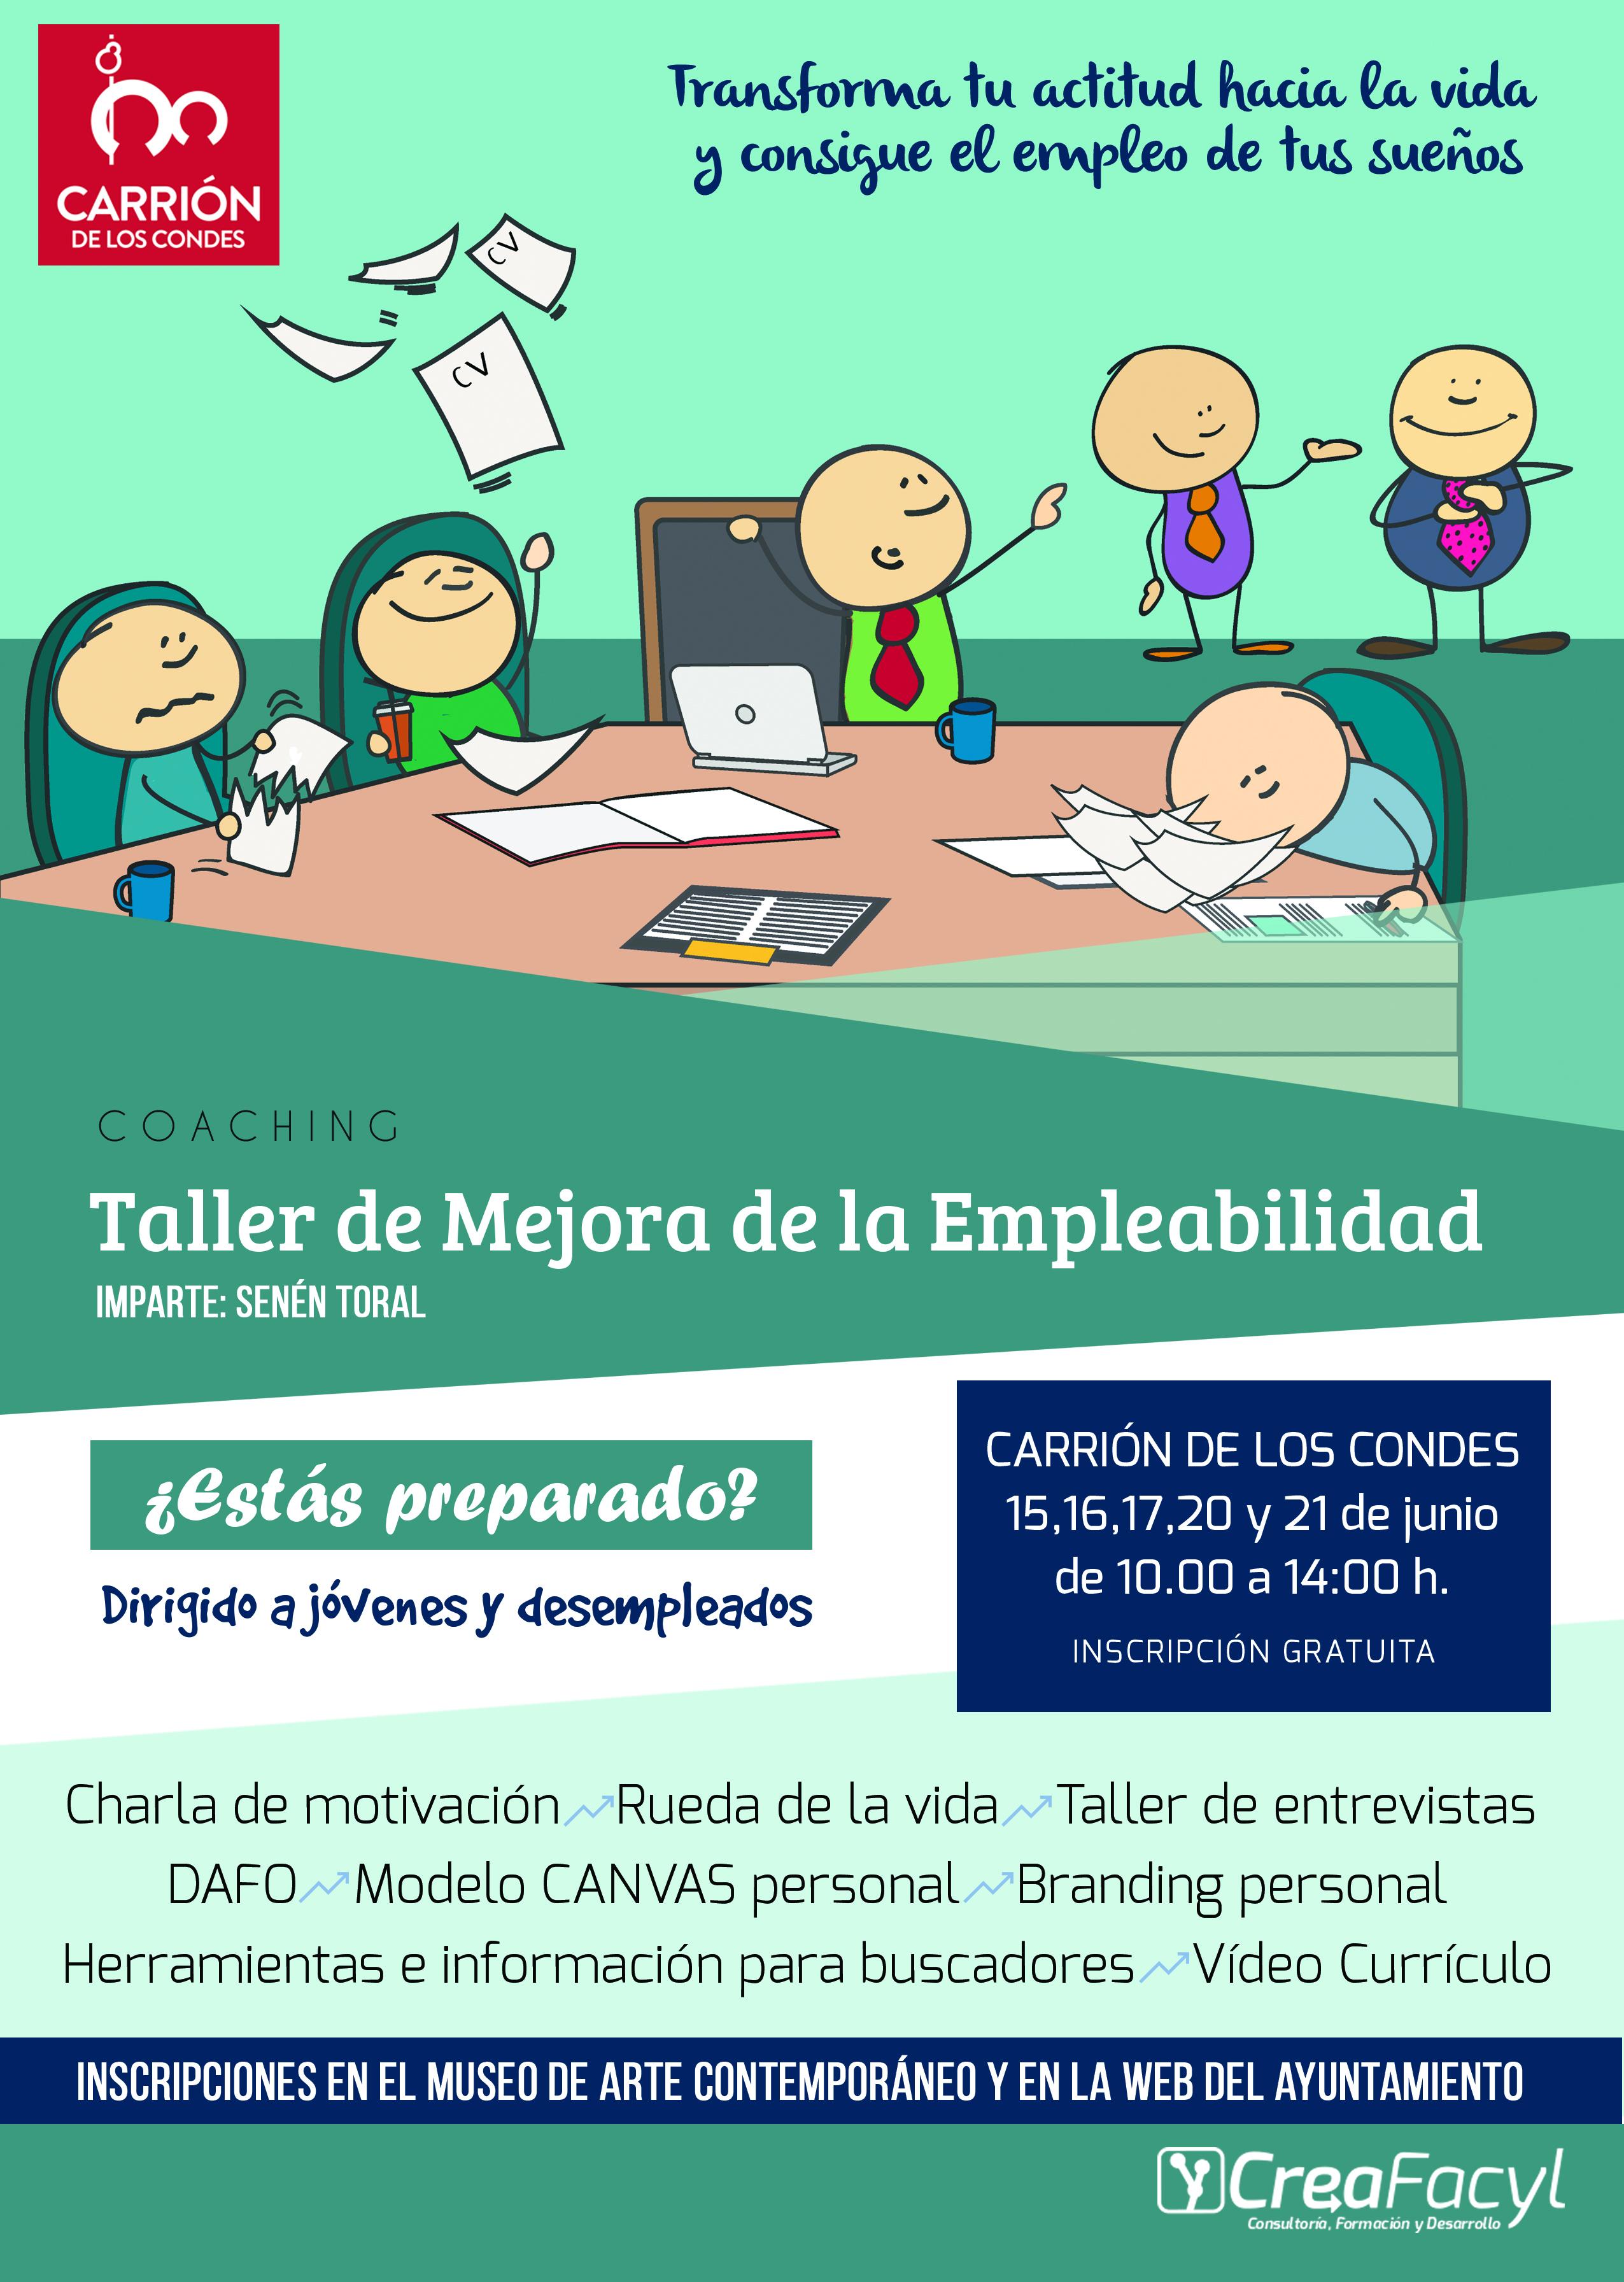 Taller gratuito de mejora de la empleabilidad en Carrión de los Condes